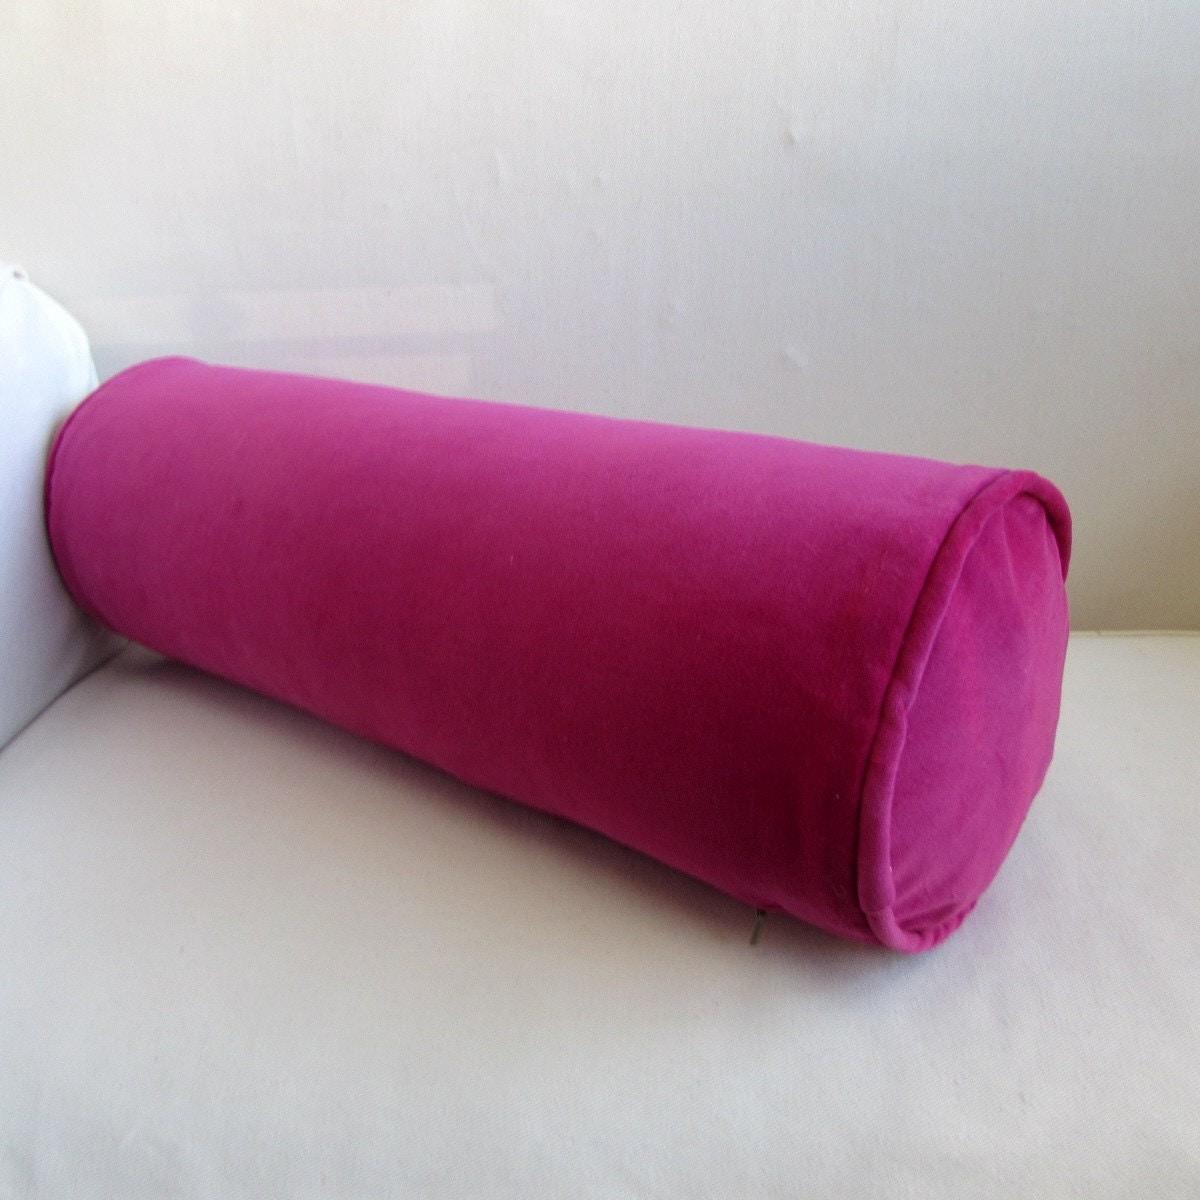 VELVET in FUSCIA pink bolster lumbar throw pillow 7x20